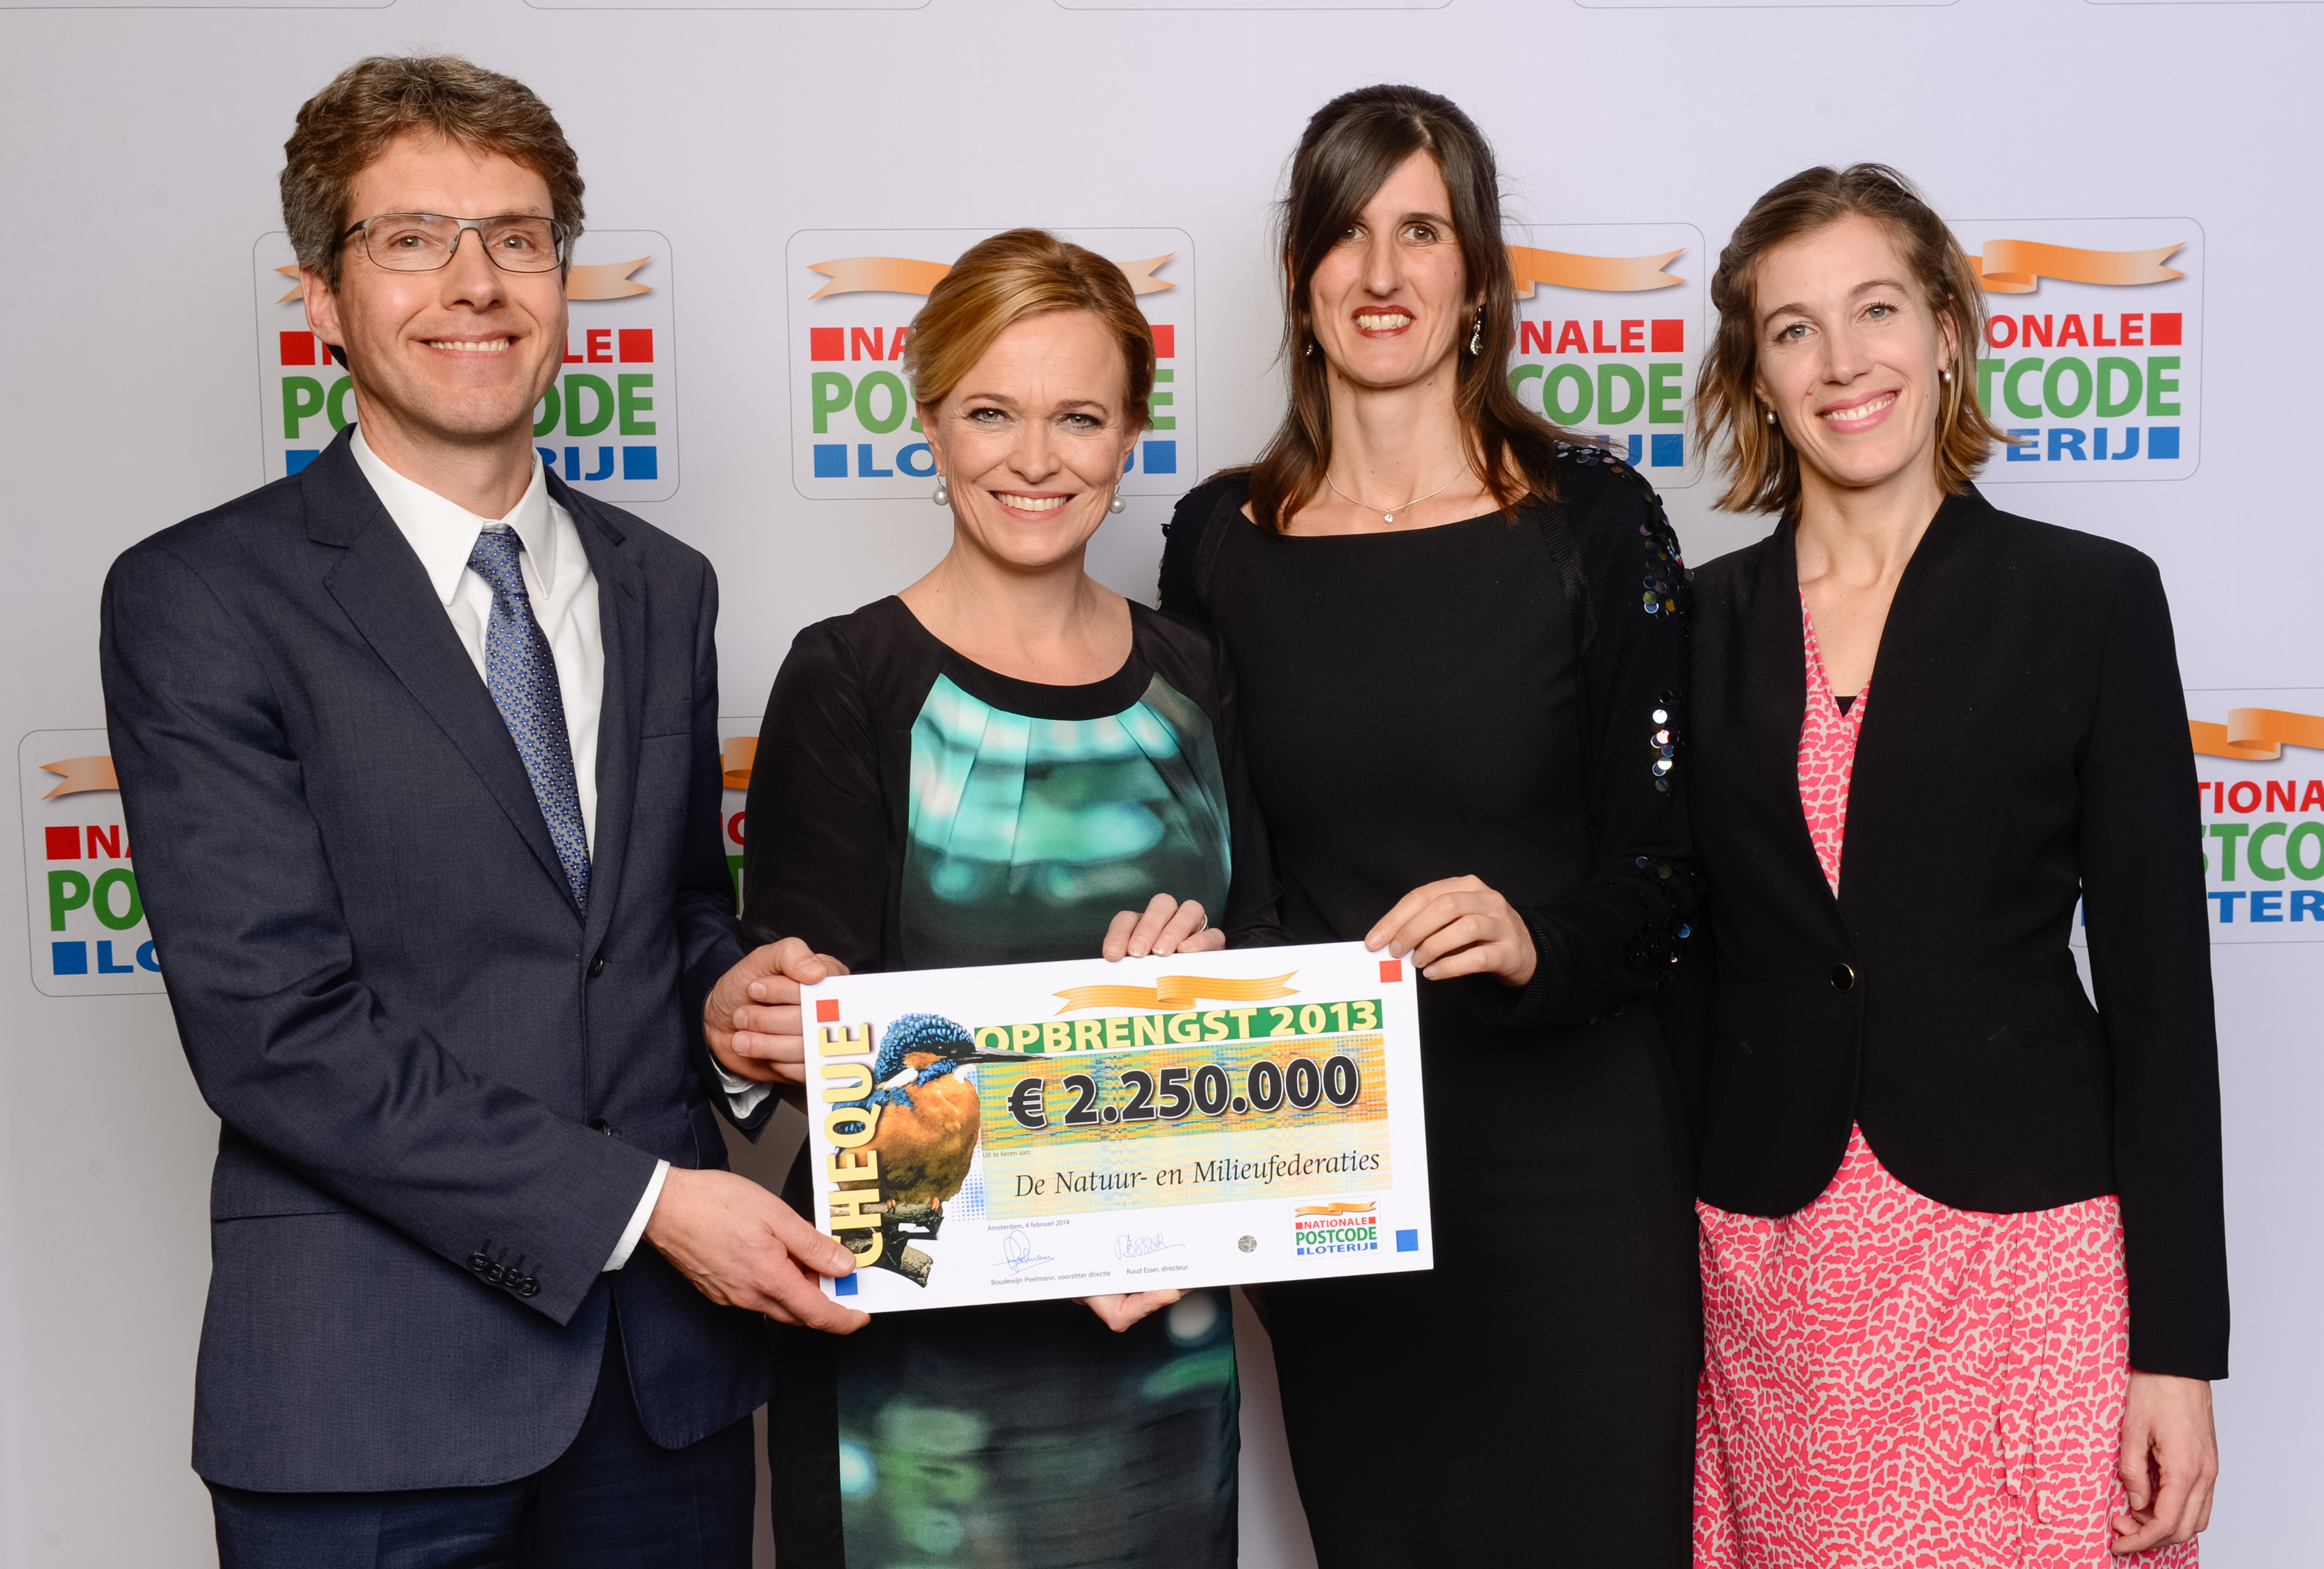 ... voor De Natuur en Milieufederaties - Milieufederatie Noord Holland: www.mnh.nl/nieuws/cheque-van-e2-250-000-van-postcode-loterij-voor...